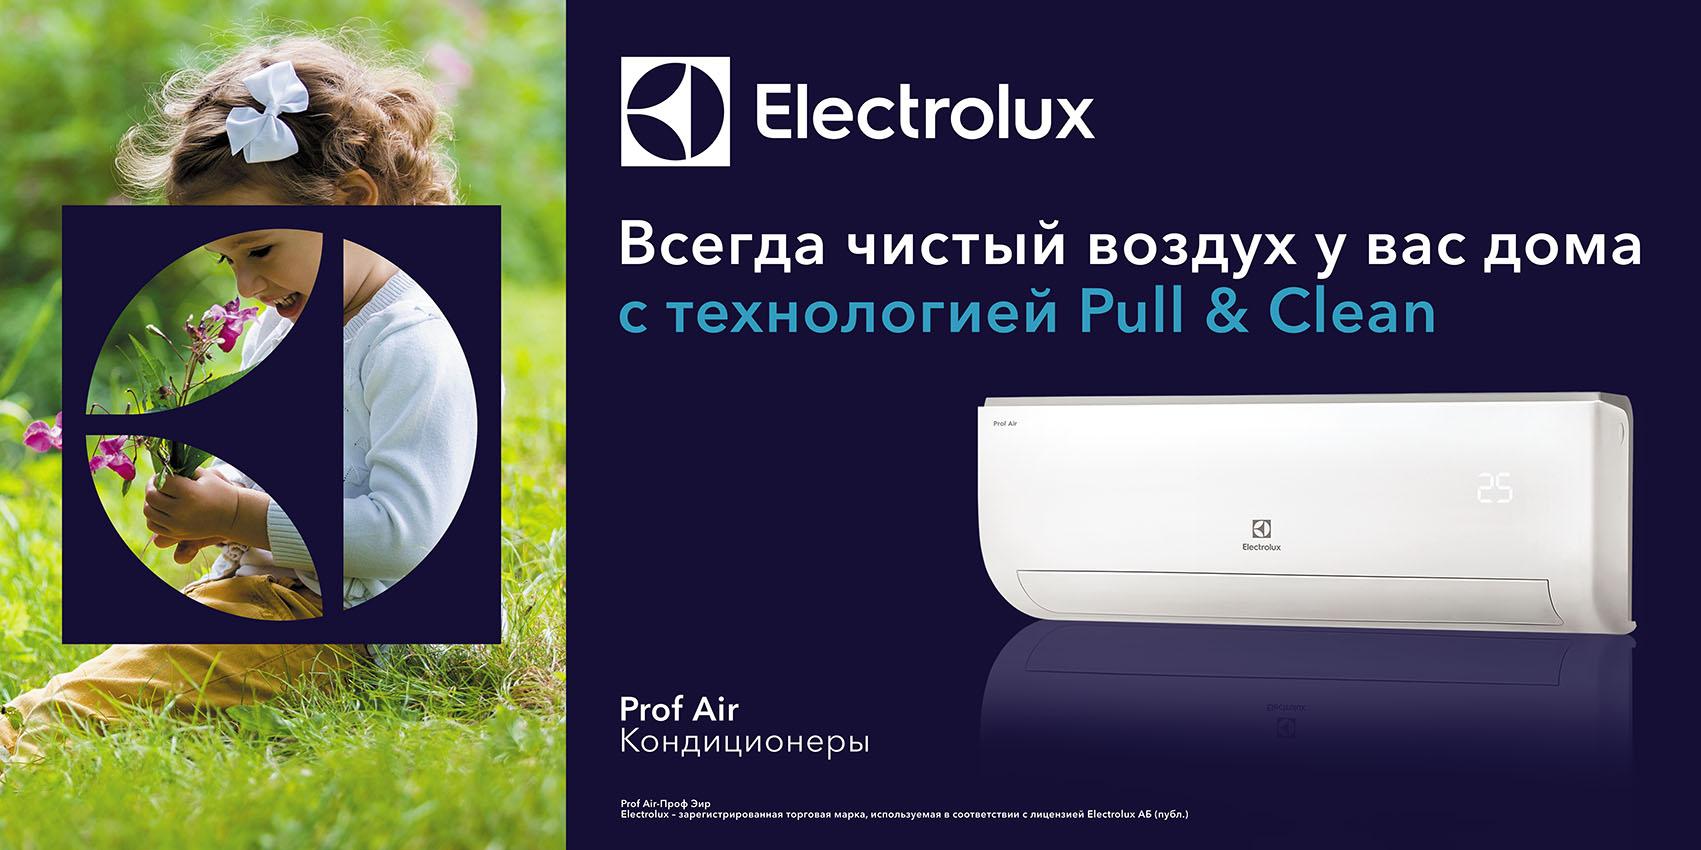 Prof_Air_6000_3000.jpg